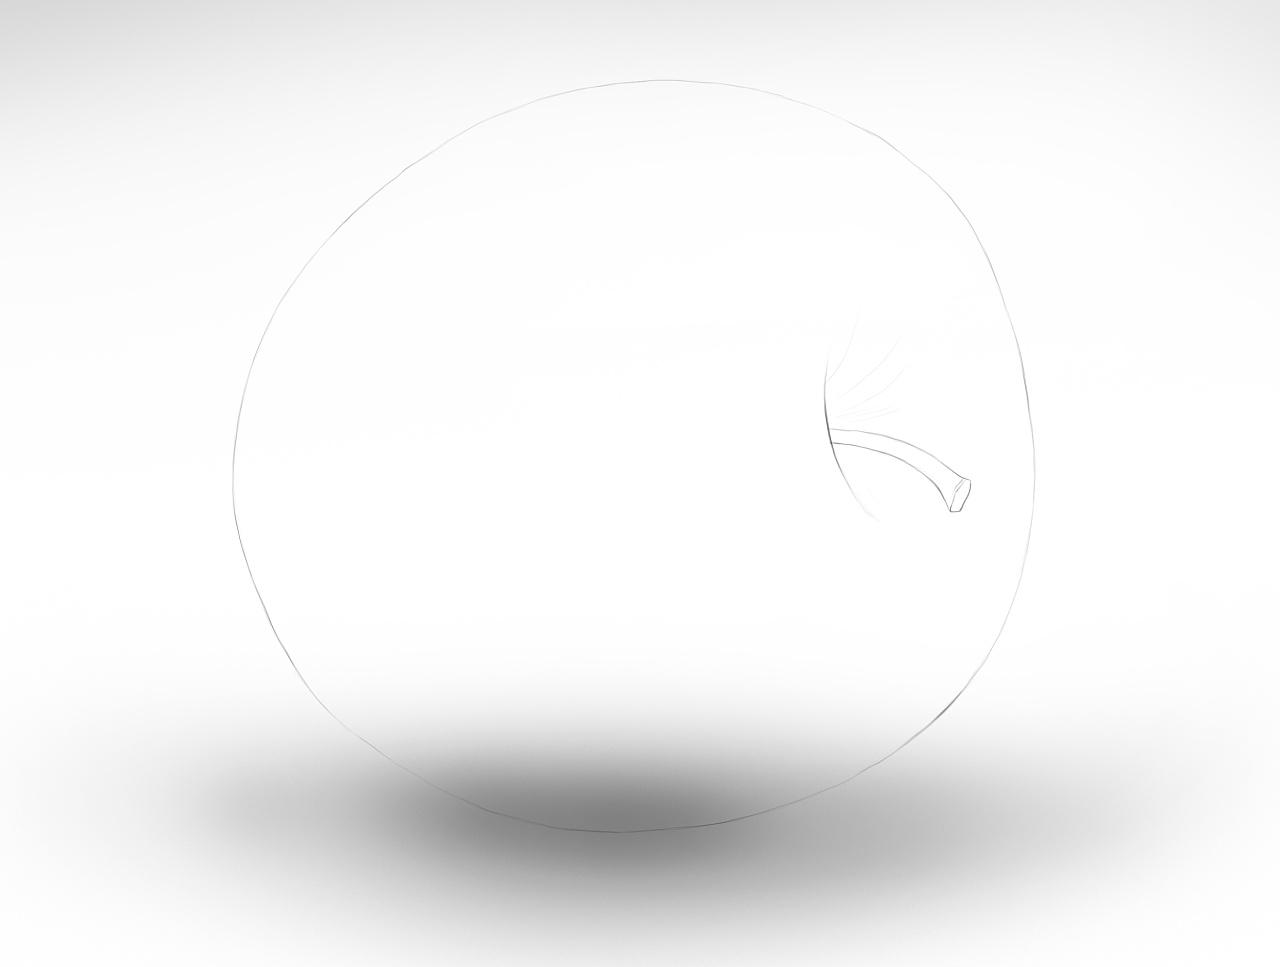 教你ps手绘:带水滴的绿苹果 超写实>